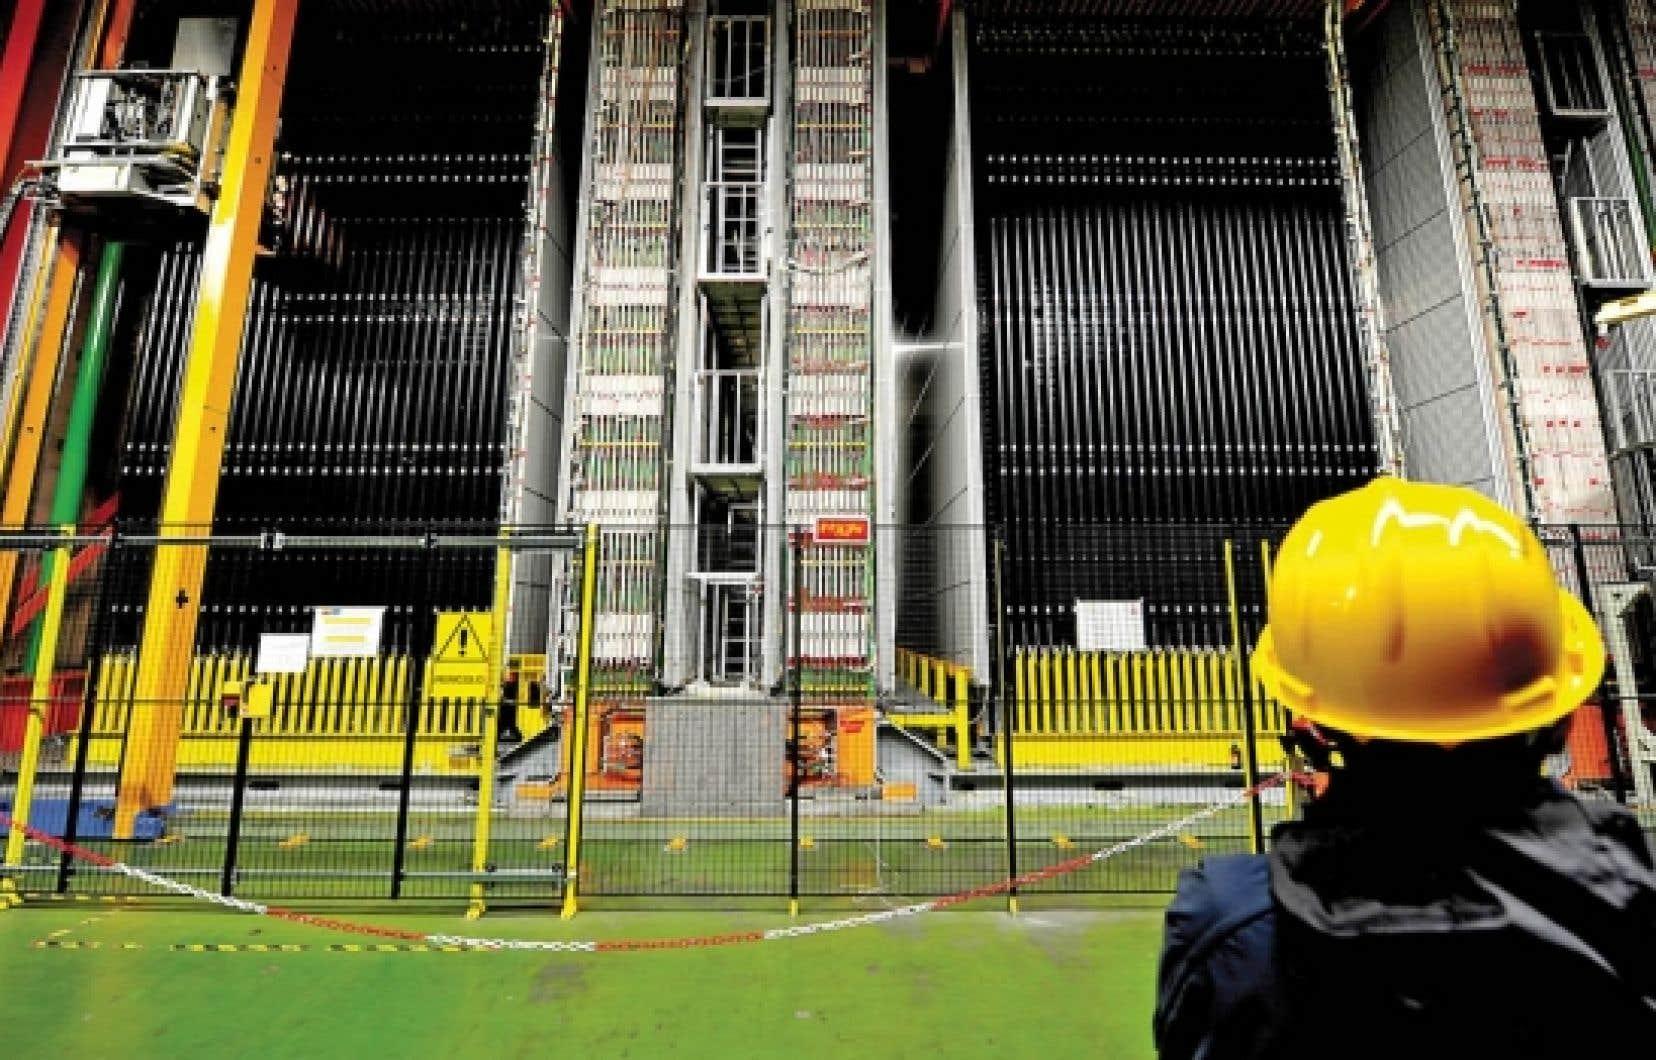 Le détecteur de neutrinos du Laboratoire de Gran Sasso, en Italie. L'engin de 1800 tonnes a capté le faisceau de neutrinos en provenance du CERN circulant à une vitesse supérieure à celle de la lumière.<br />